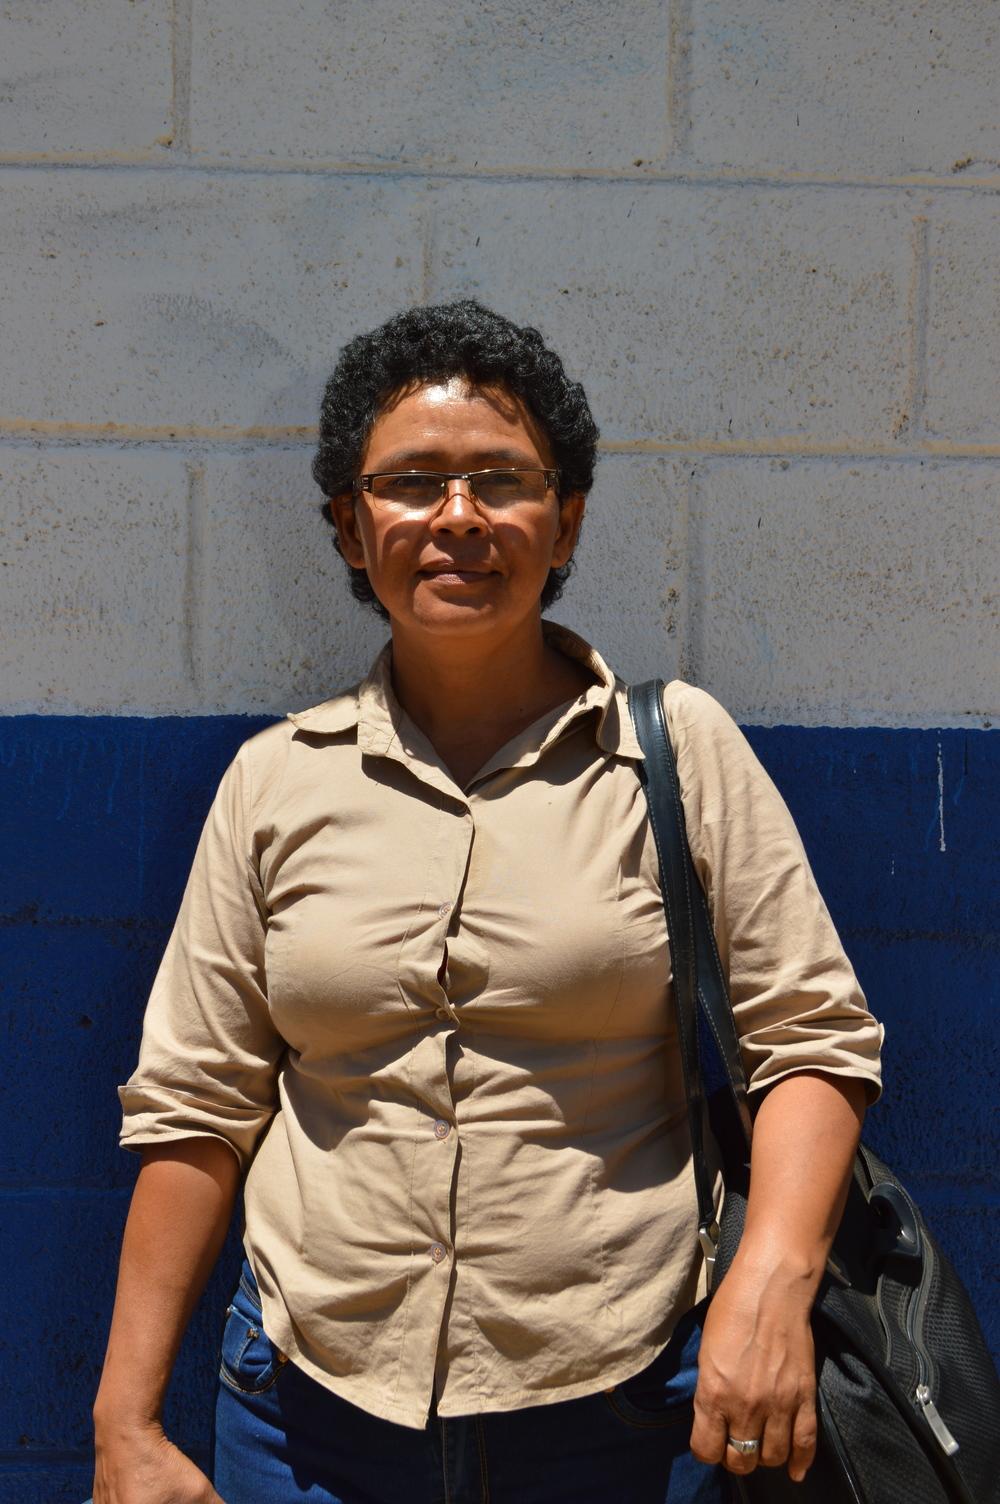 Guadalupe Carmona, principal of Escuela La Arenera                            Photo by Sarah Harris